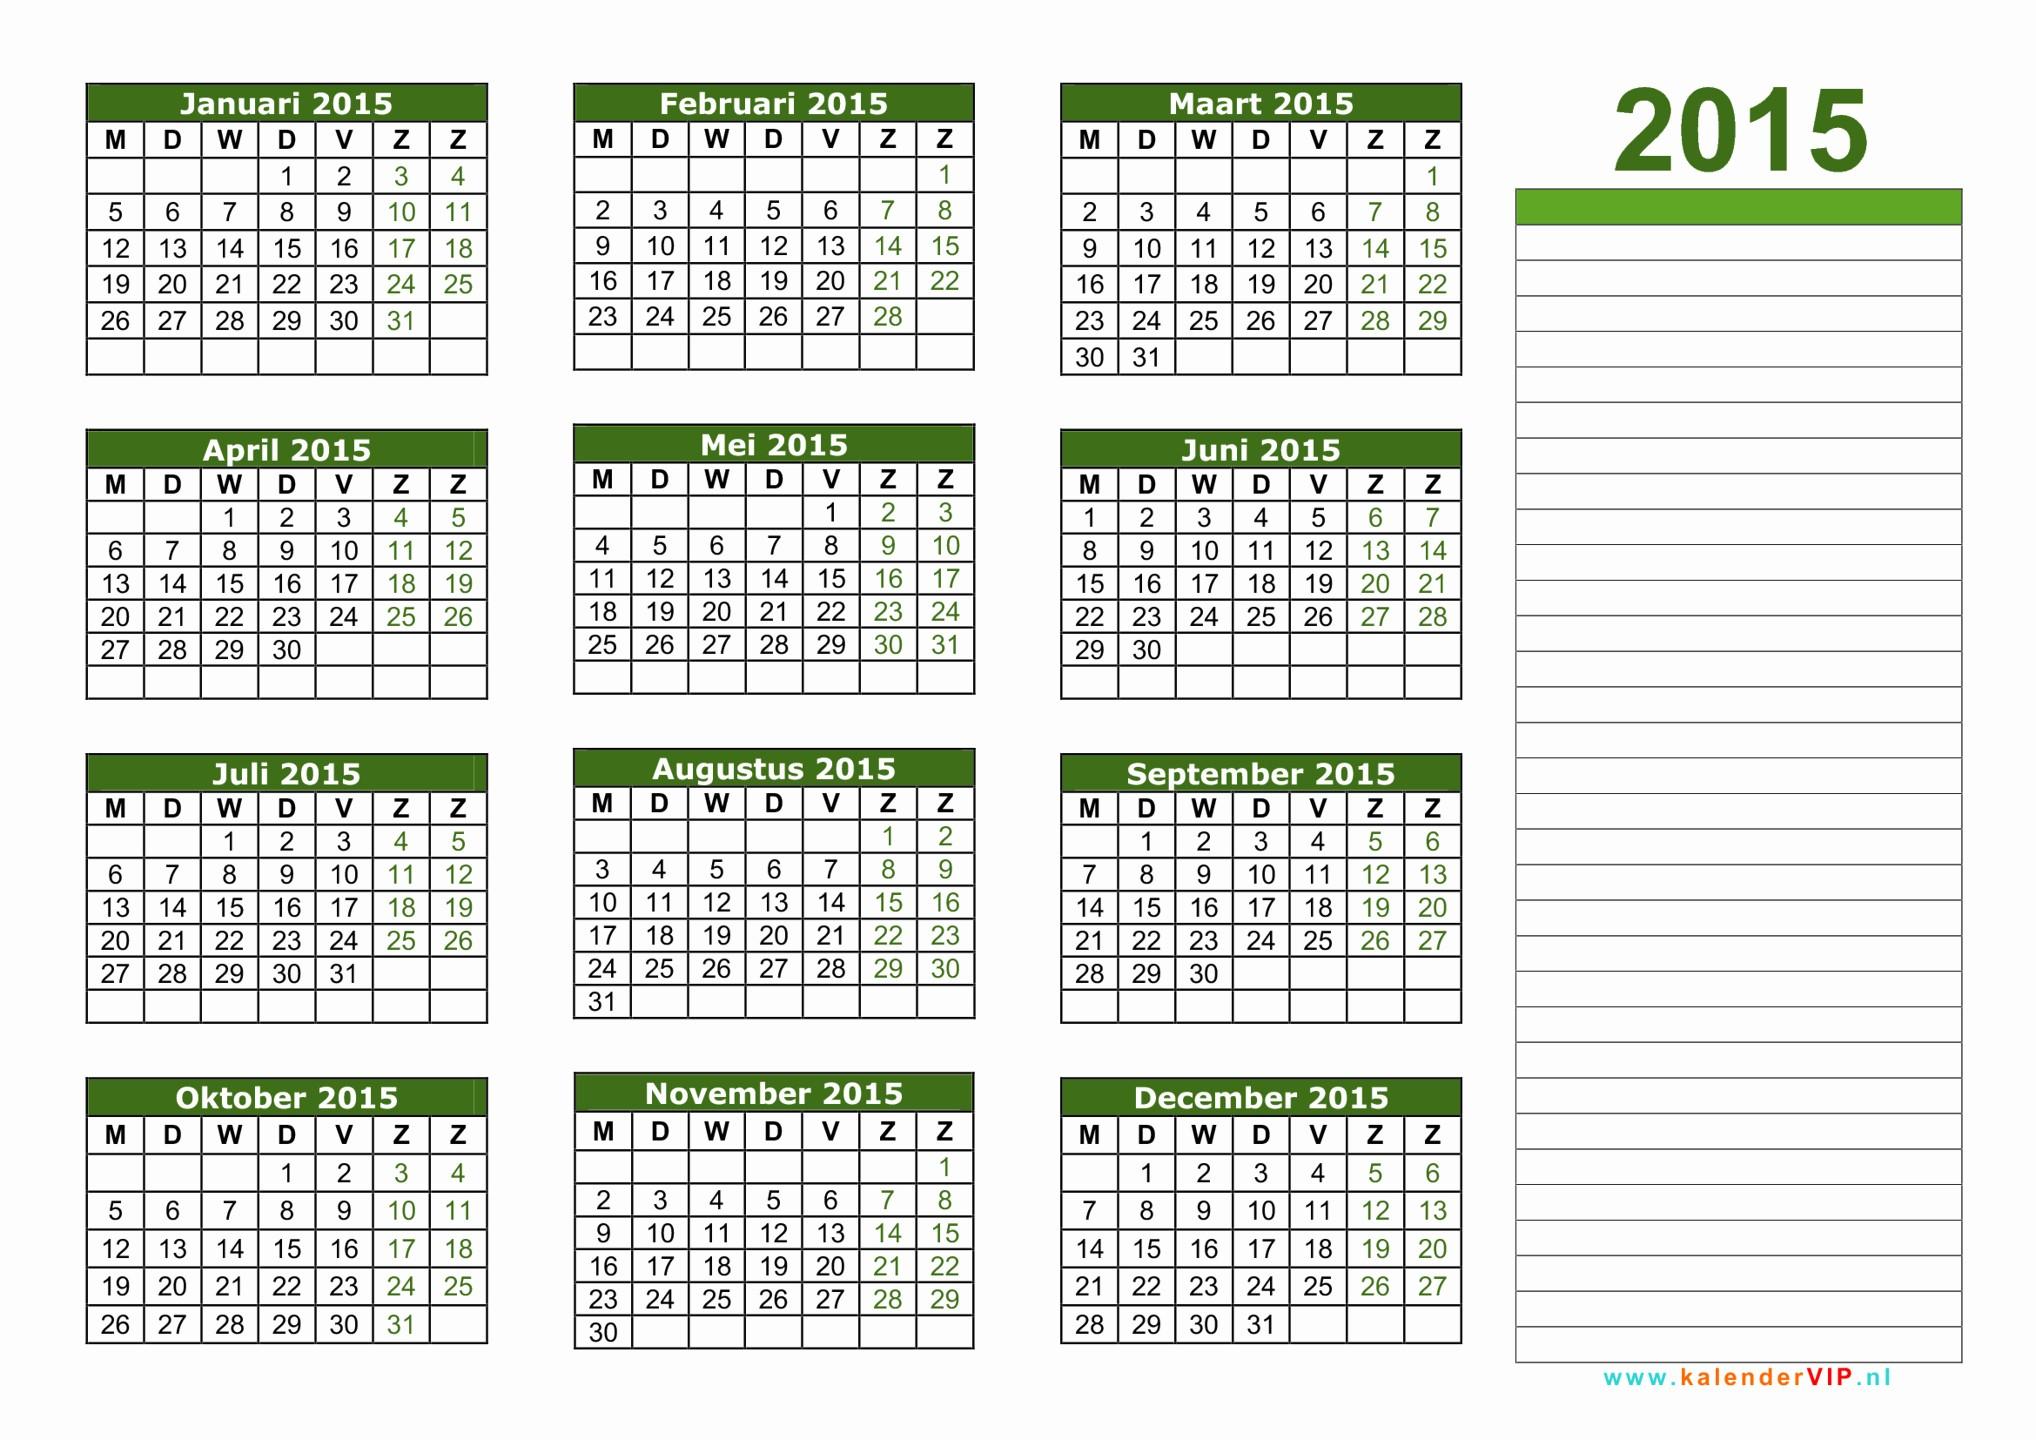 Kalender 2019 Nrw Excel Download Mejores Y Más Novedosos Excel Kalender 2015 Kubra Kubkireklamowe Of Kalender 2019 Nrw Excel Download Más Actual Kalender 2015 Excel solan Ayodhya